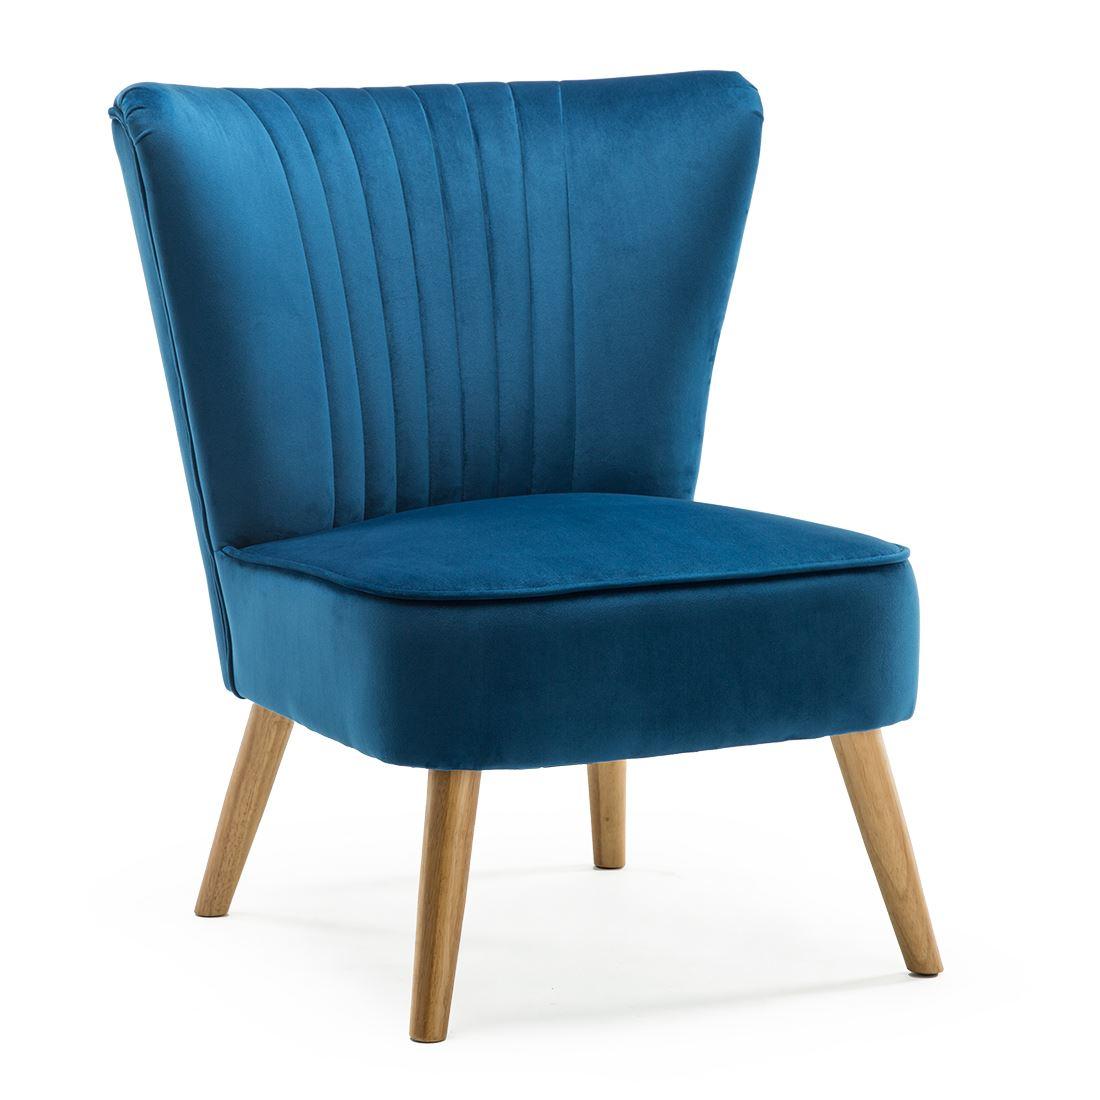 tub accent chair men s valet uk lyssa velvet retro occasional bedroom living room